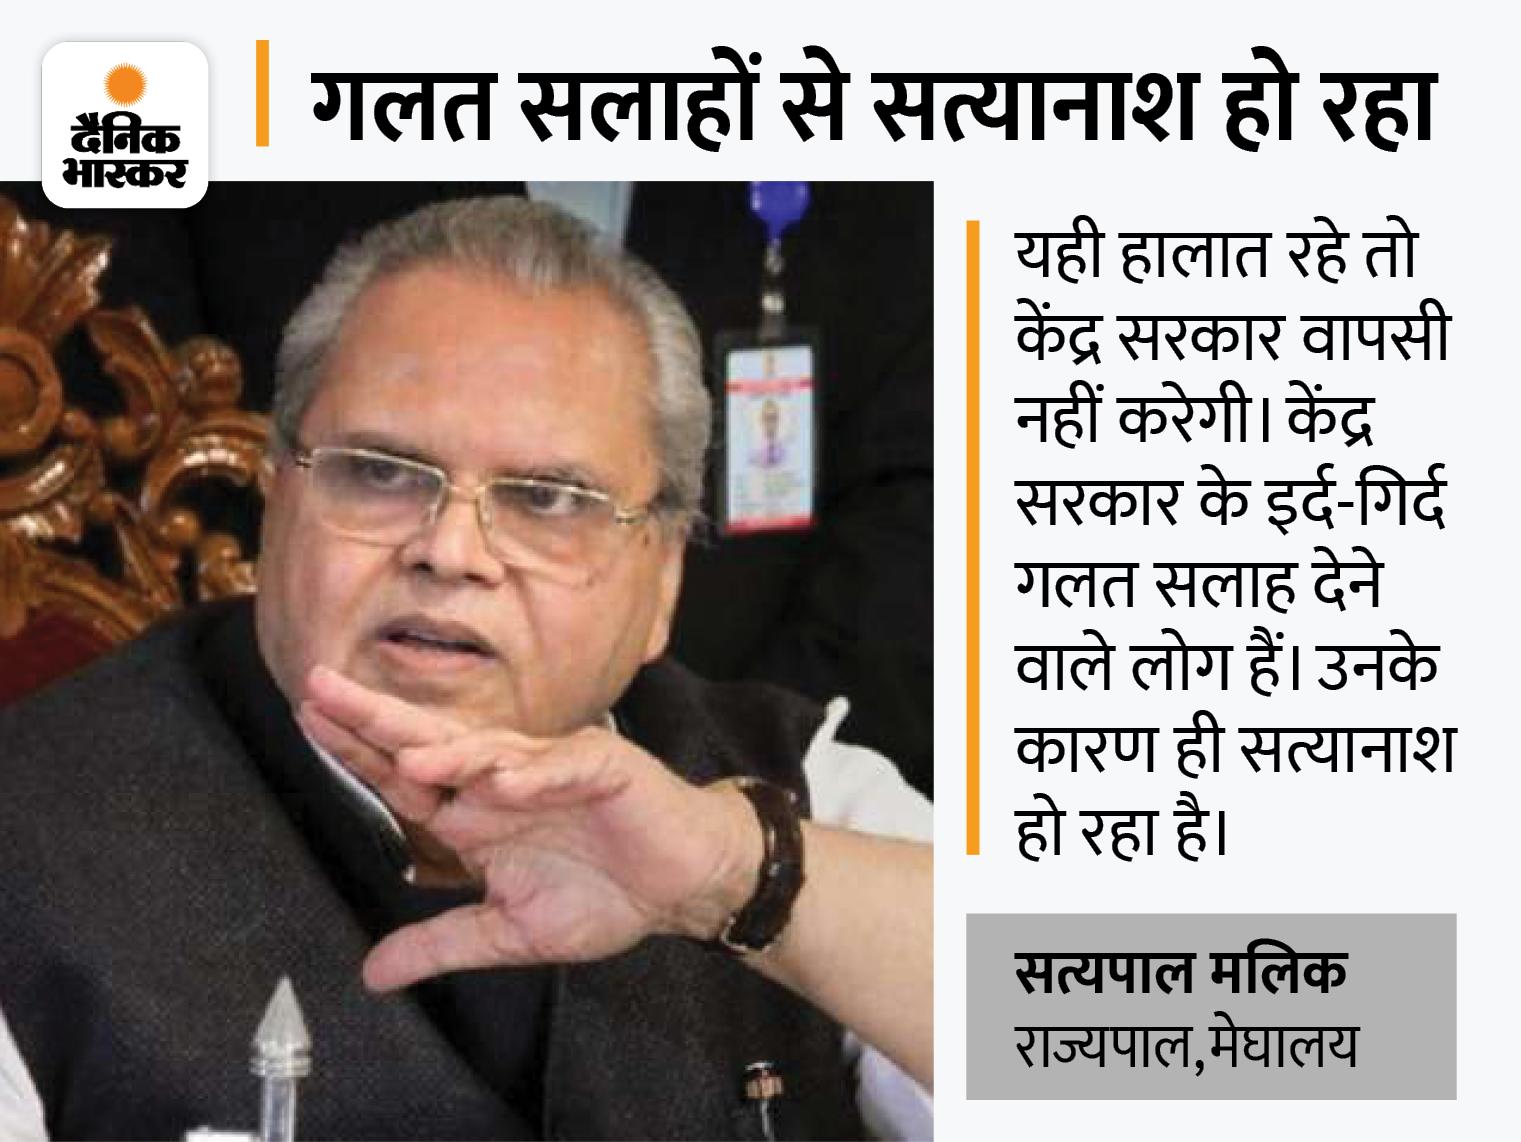 मेघालय के राज्यपाल सत्यपाल मलिक बोले- MSP की गारंटी का कानून बनाएं, इससे किसानों का मुद्दा हल होगा|देश,National - Dainik Bhaskar